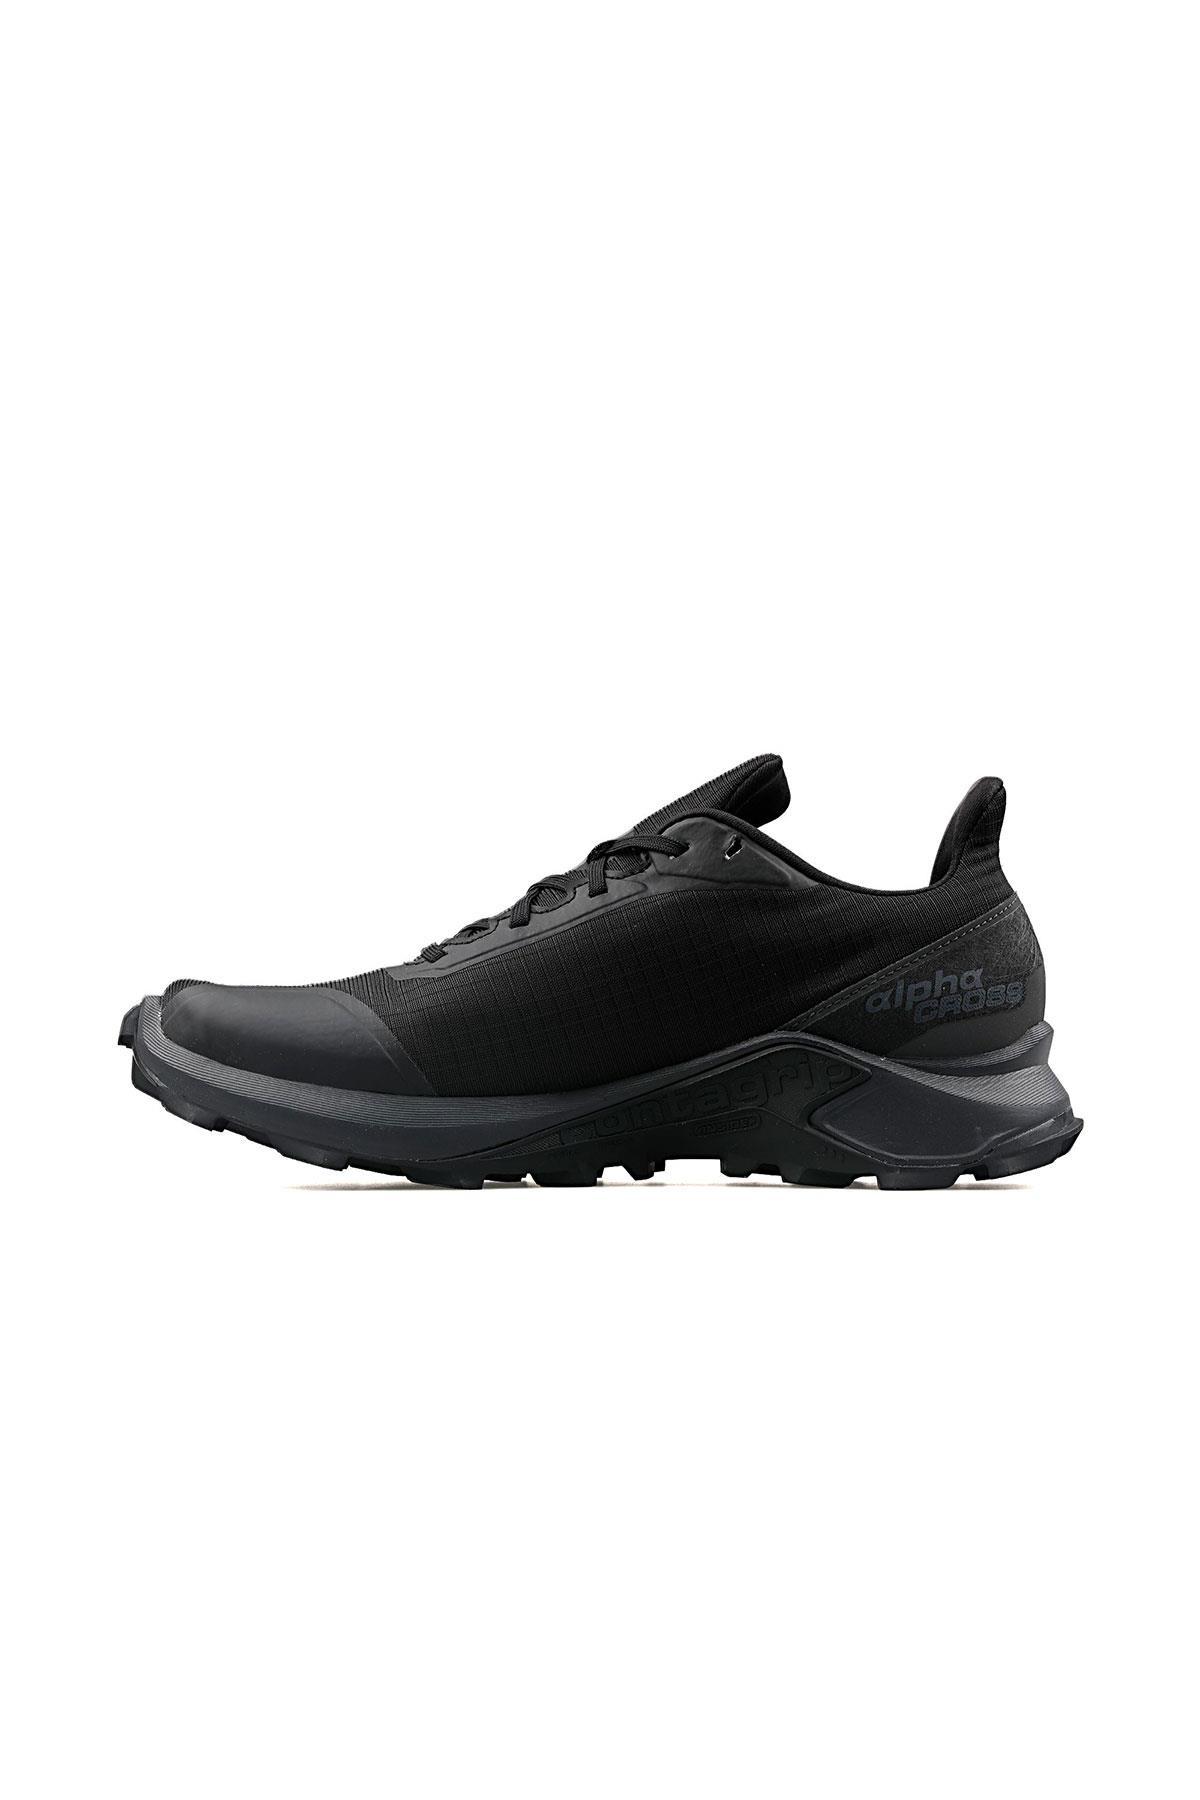 Salomon Alphacross Gtx Erkek Koşu Ayakkabı